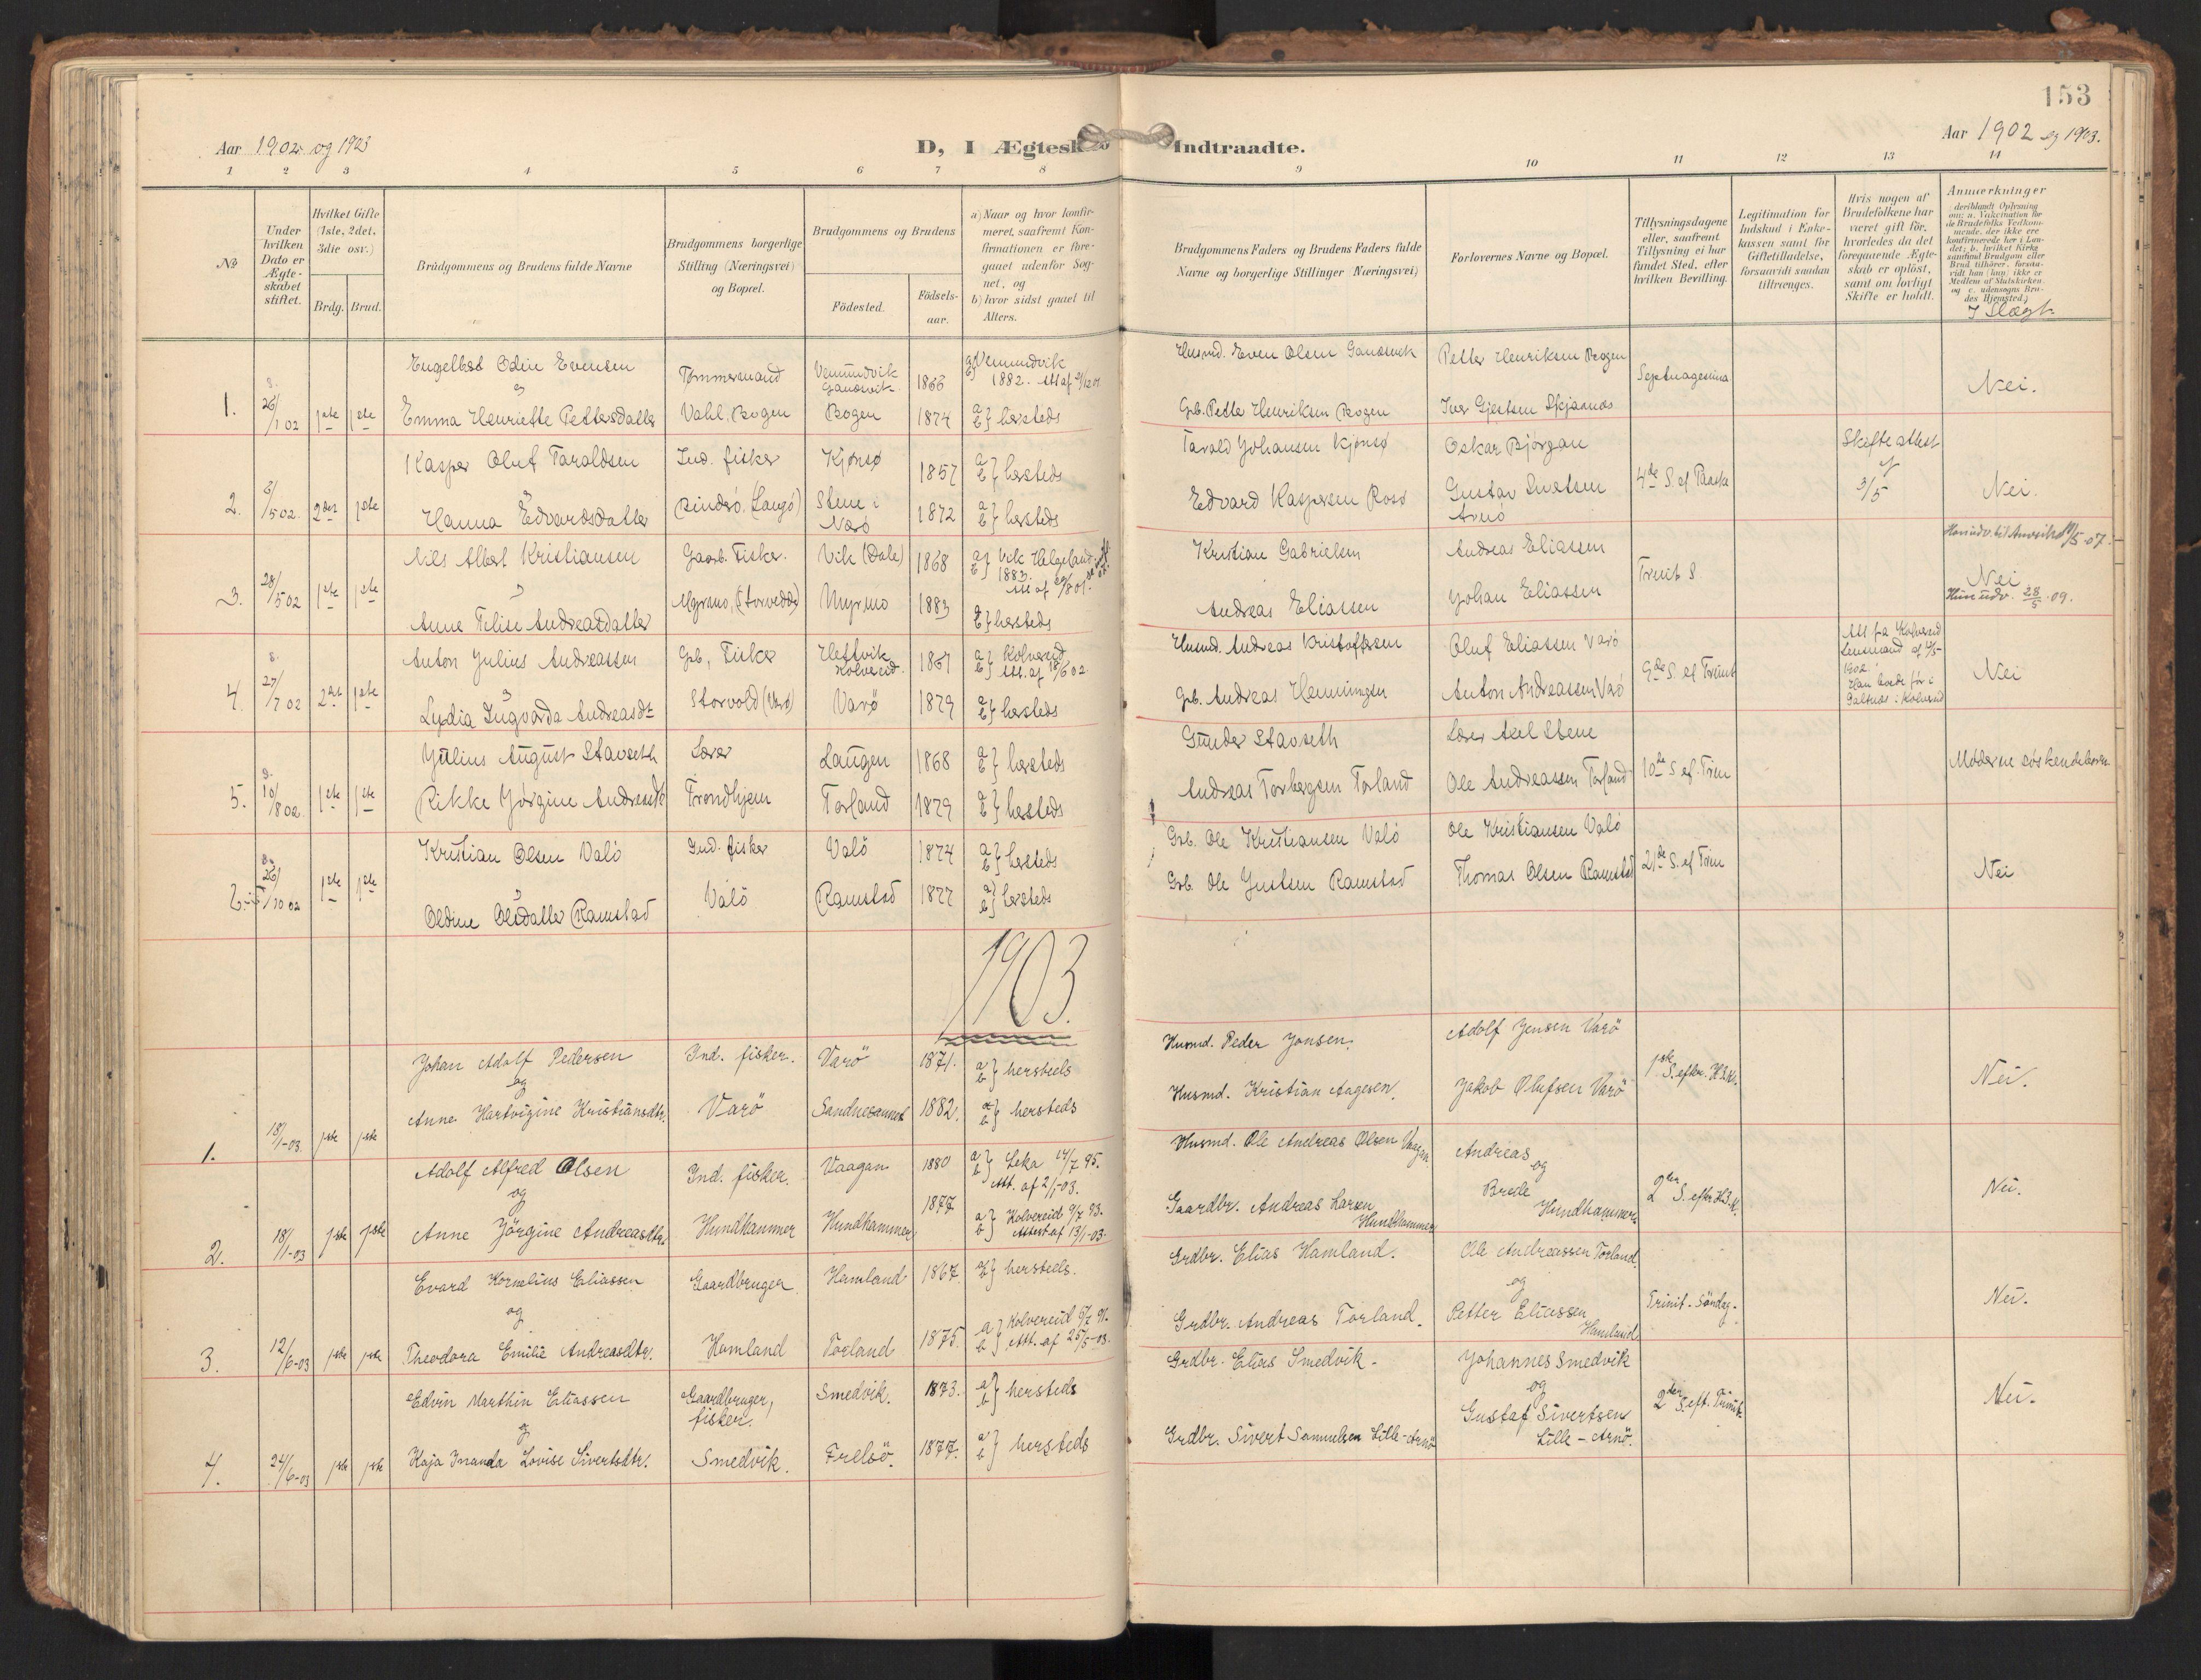 SAT, Ministerialprotokoller, klokkerbøker og fødselsregistre - Nord-Trøndelag, 784/L0677: Ministerialbok nr. 784A12, 1900-1920, s. 153